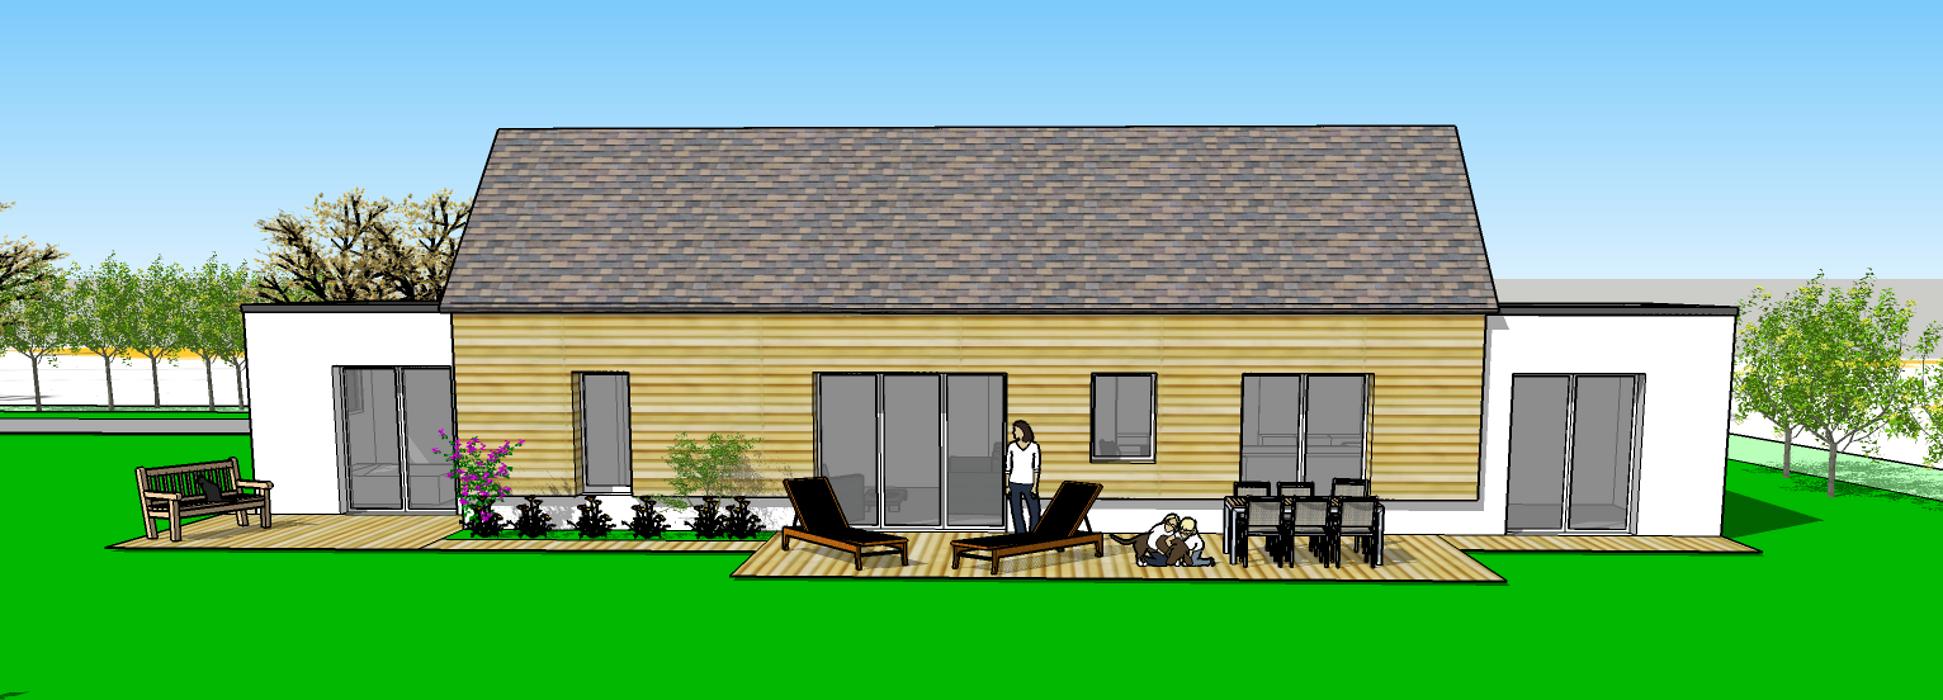 Projet : Aménager une maison avec accessibilité handicapé 12